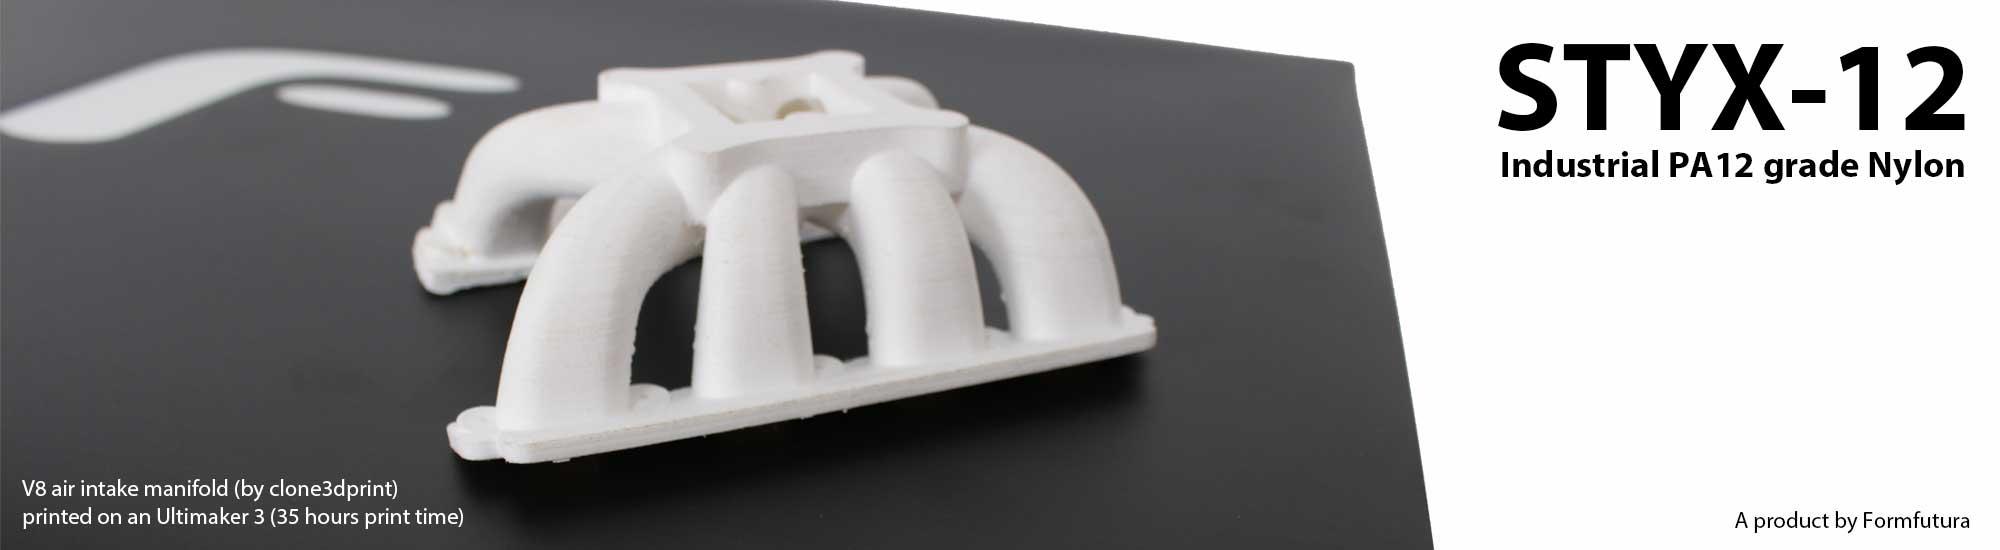 formfutura STYX 12 - Neue technische Materialien von Formfutura: STYX-12 und Volcano PLA